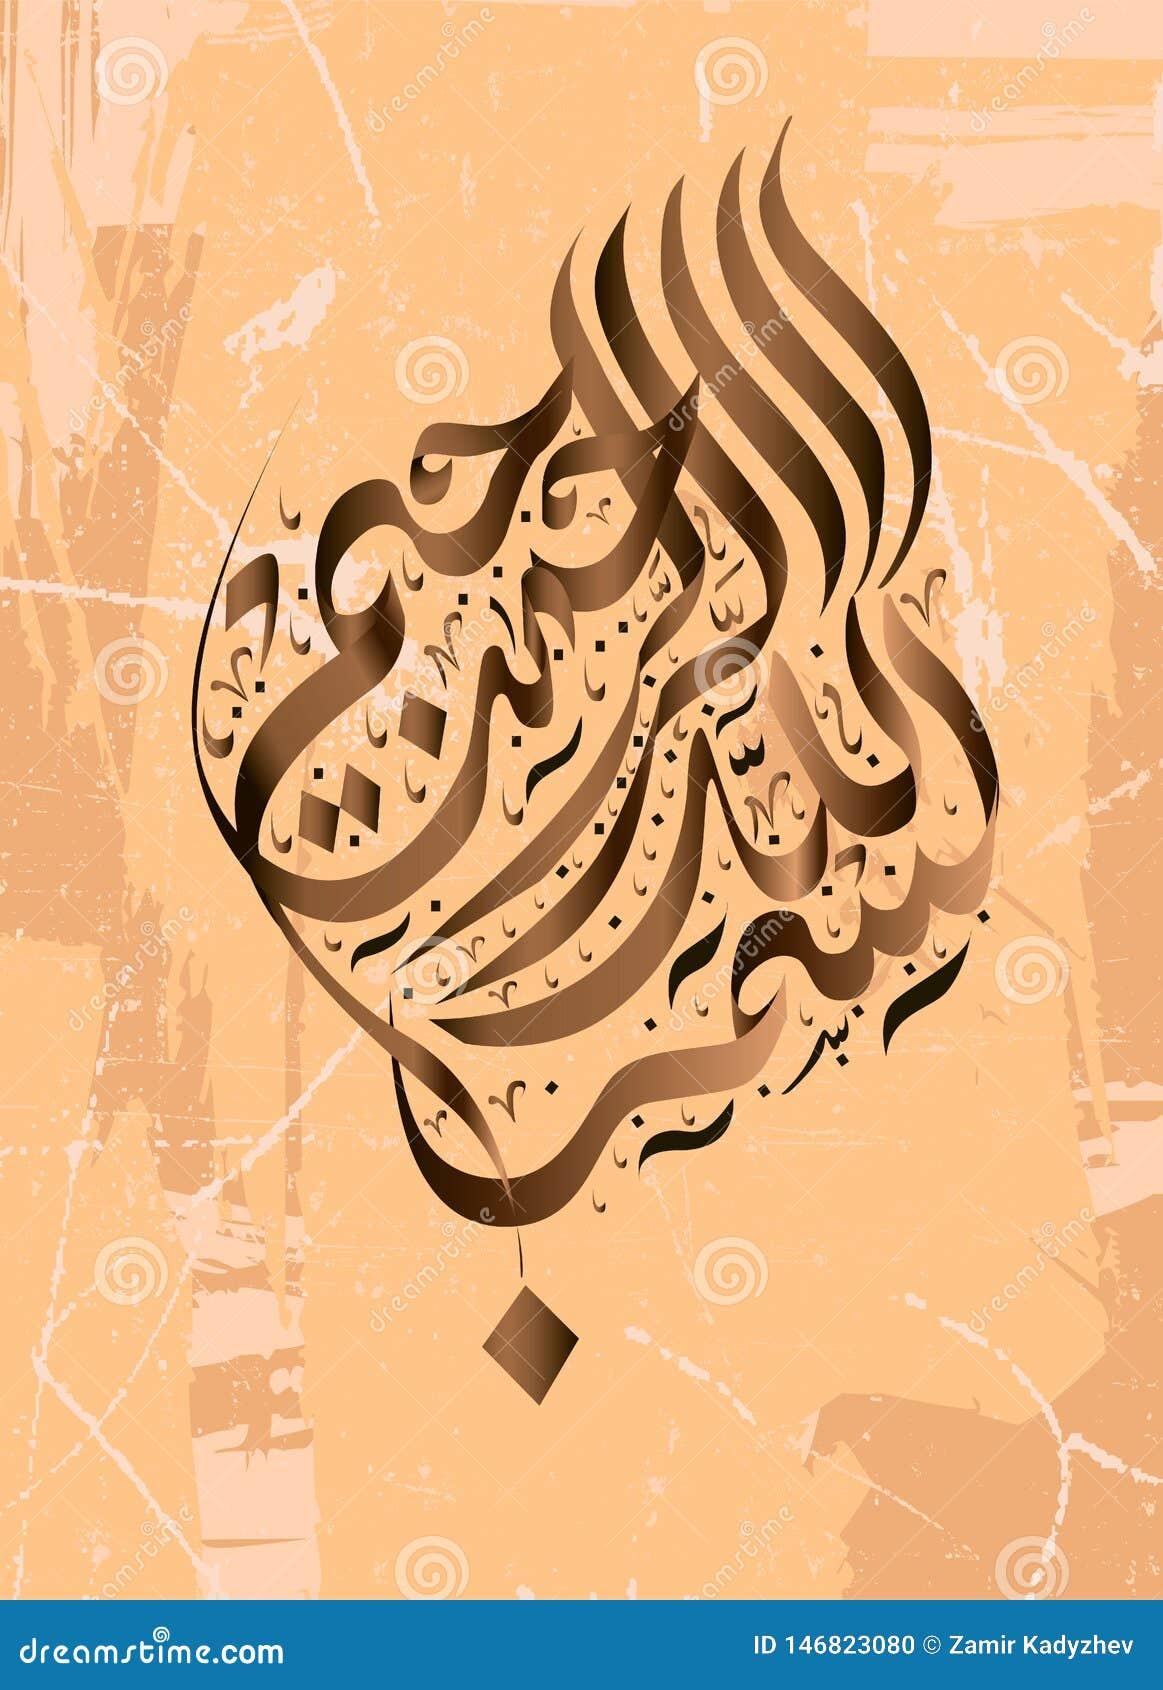 Calligraphie arabe de l art islamique traditionnel du Basmala, par exemple, de Ramadan et d autres festivals traduction